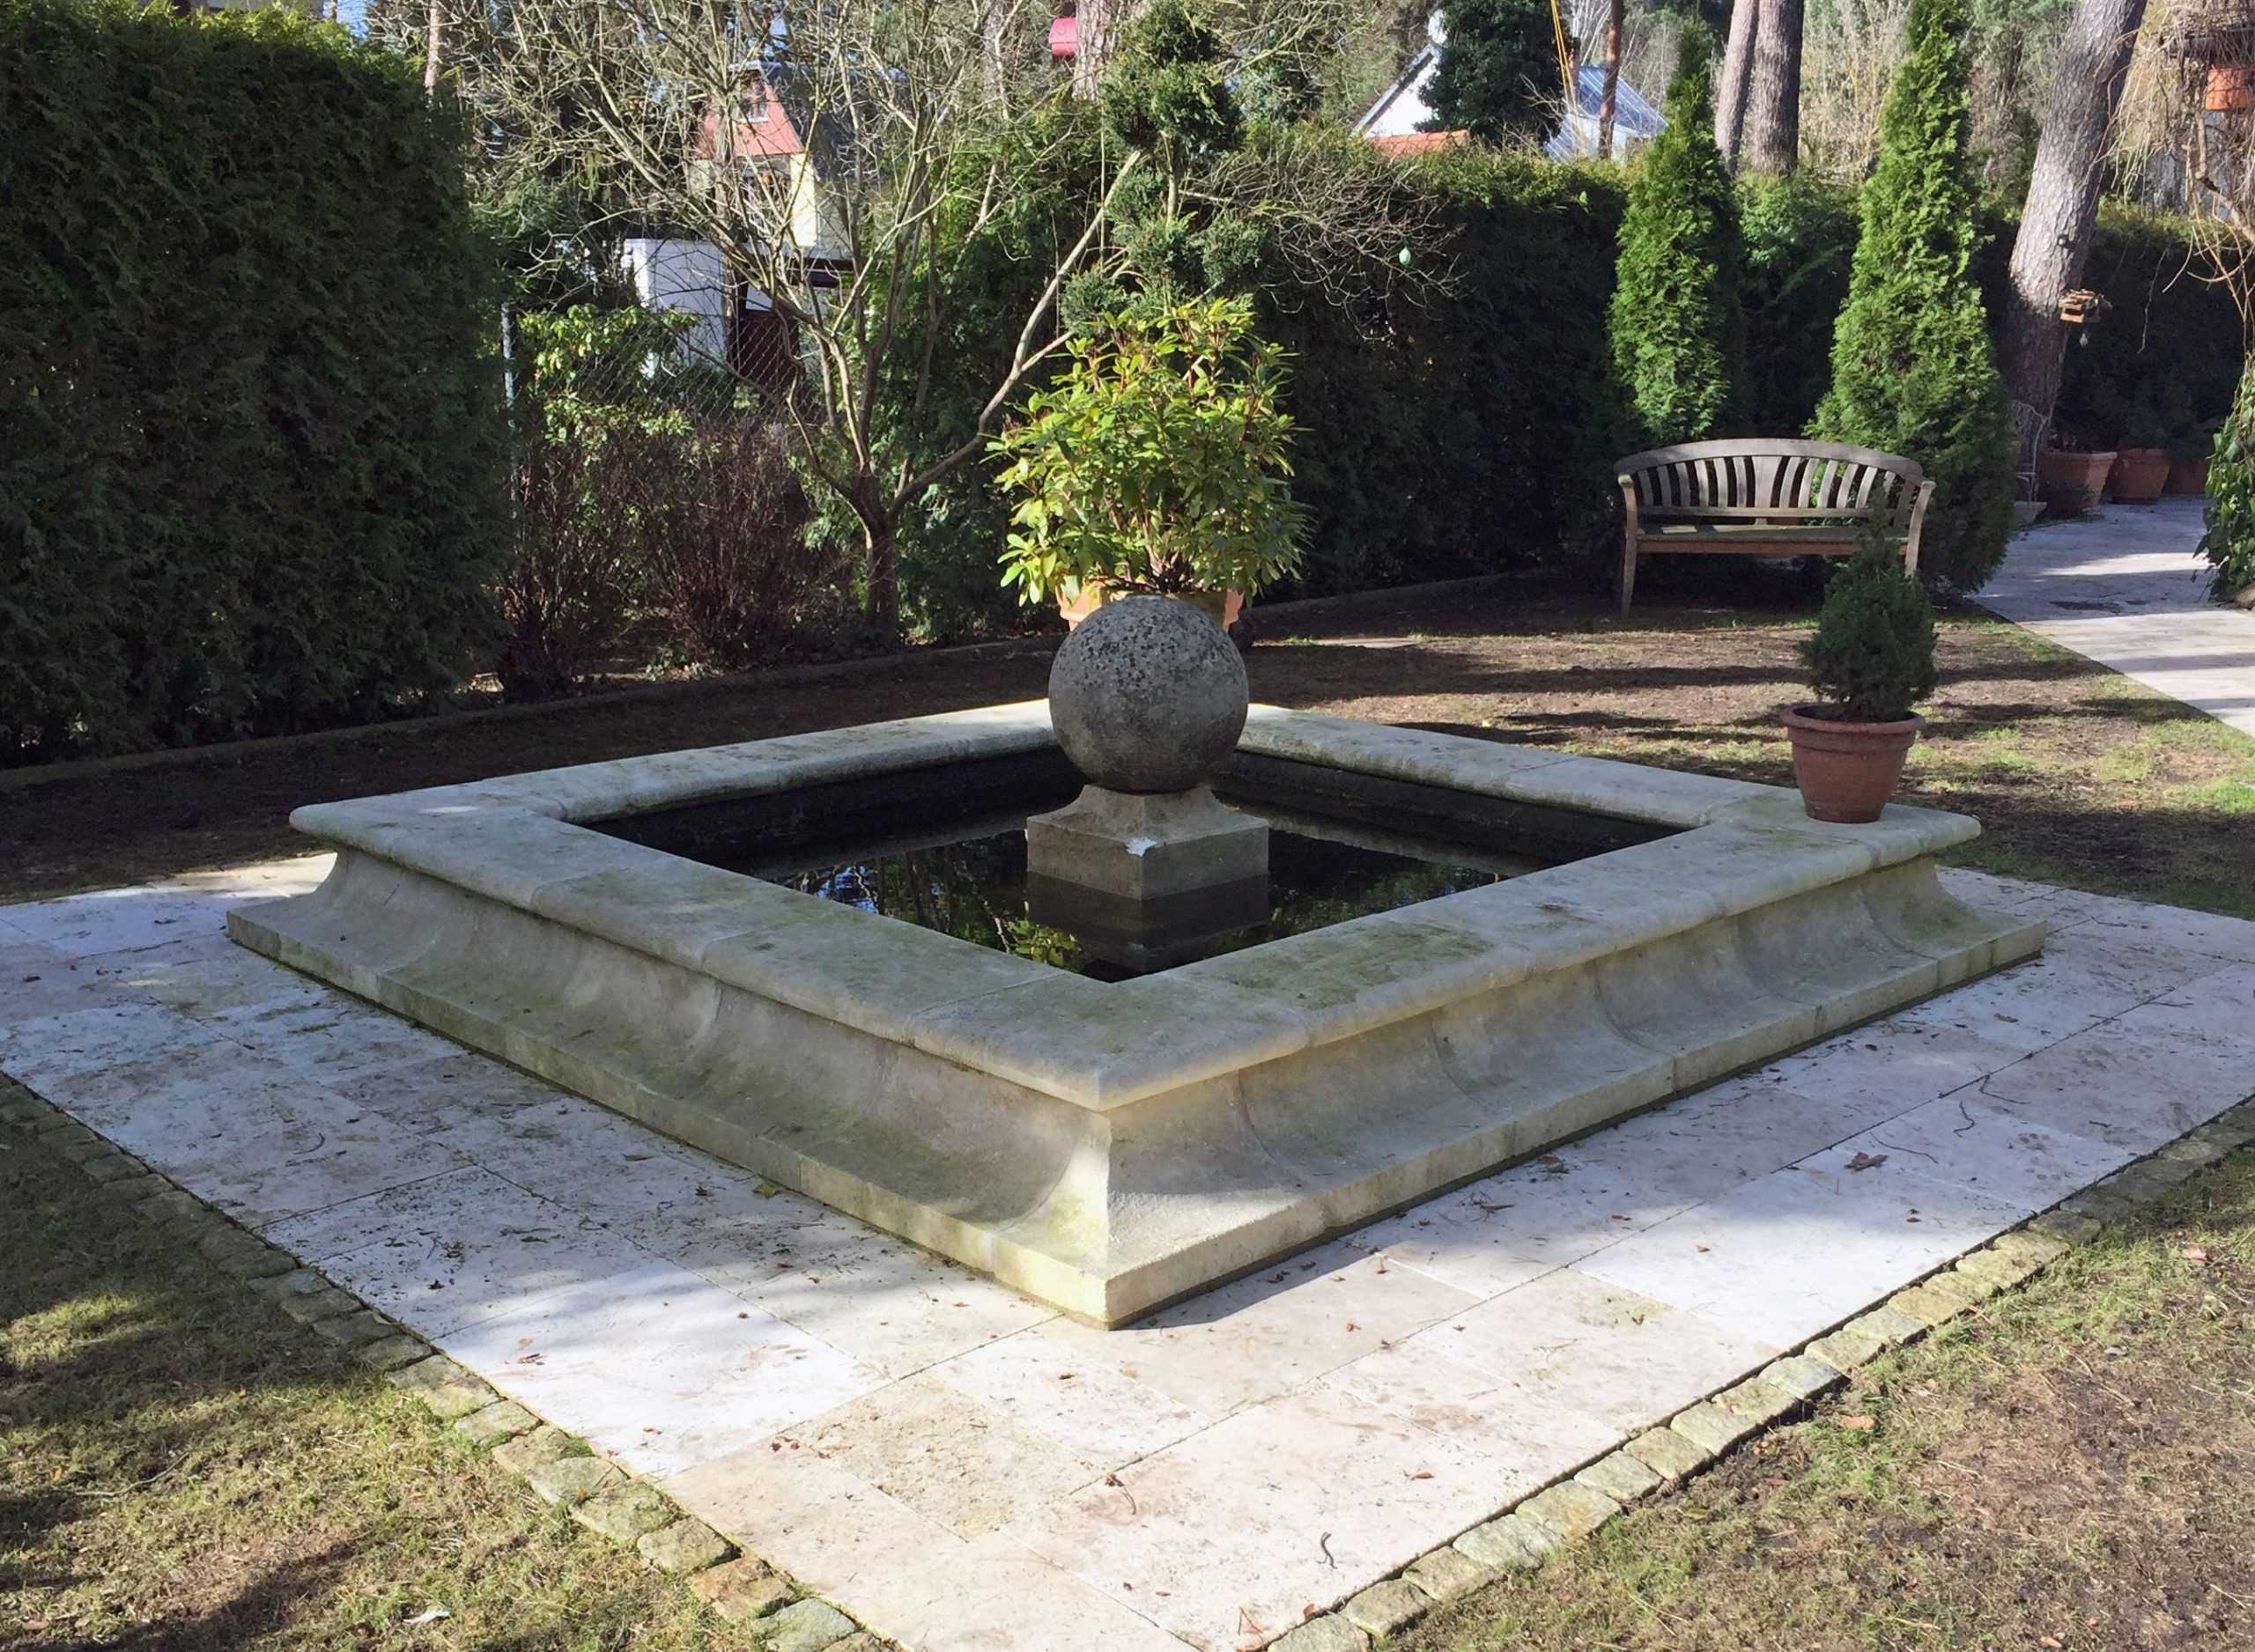 Ce Bassin De Décoration De Jardin En Pierre De Provence Est ... concernant Grosse Pierre Decoration Jardin